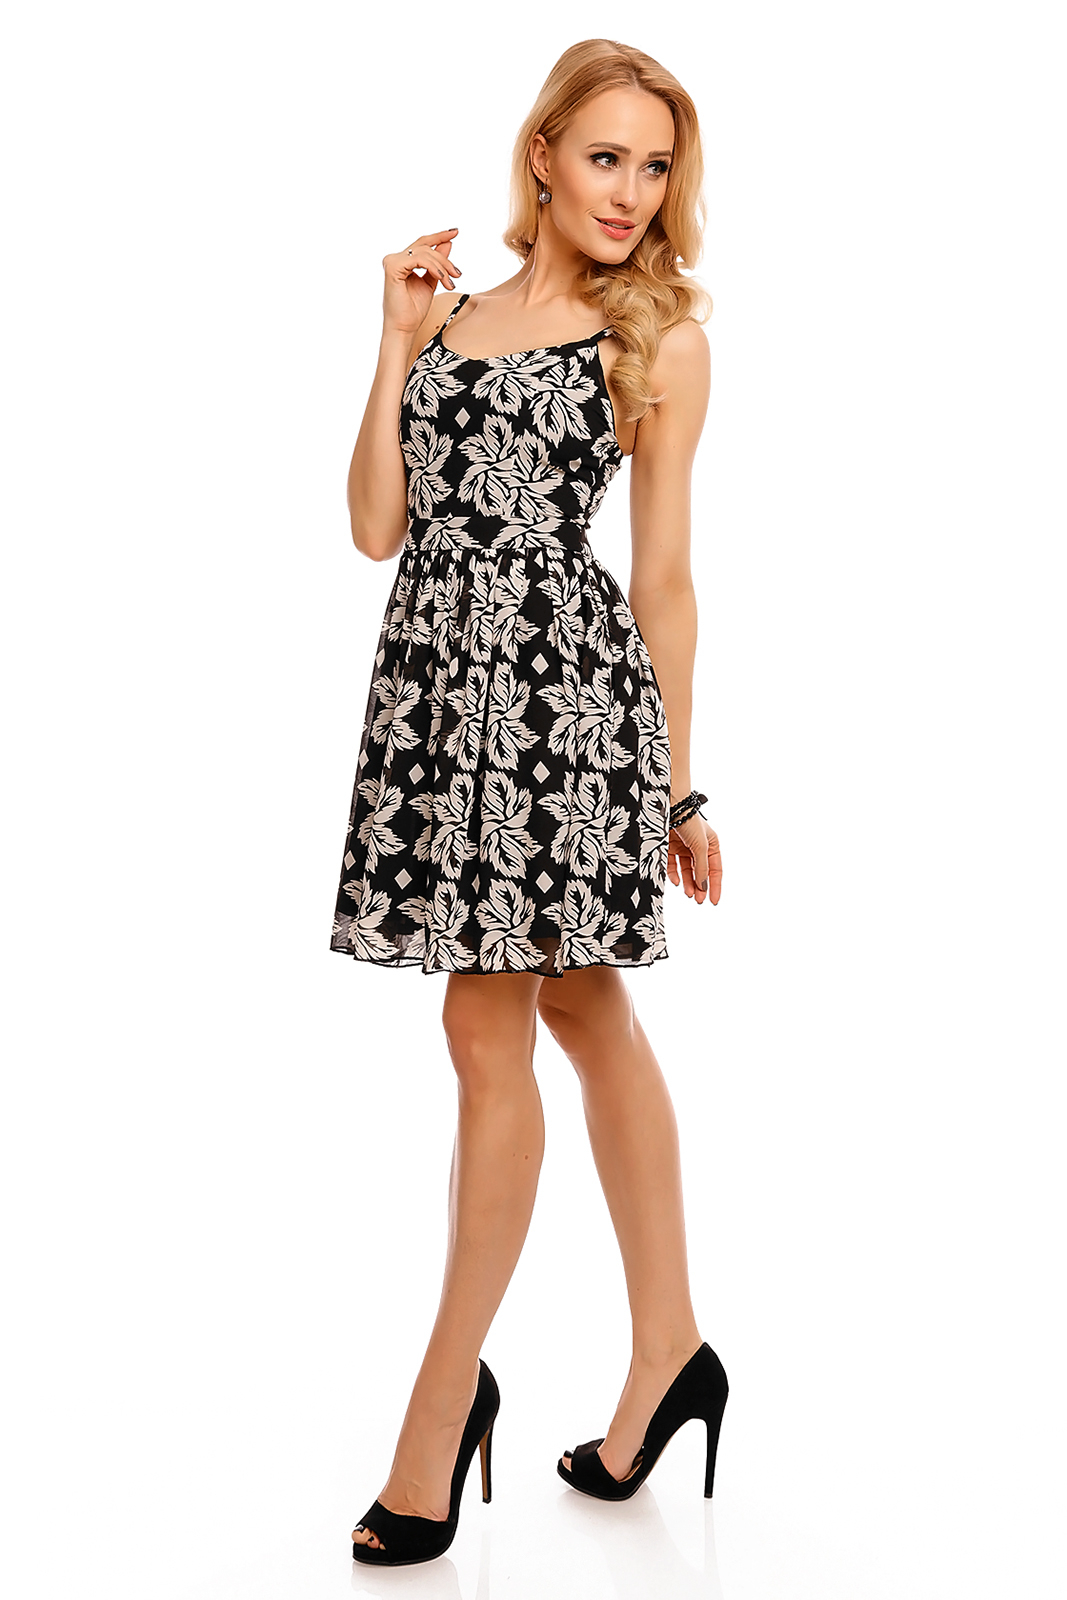 Dámske šaty na leto na párty a do spoločnosti na ramienka čierne - Čierna / L - drobí DE COPINE čierna-biela L